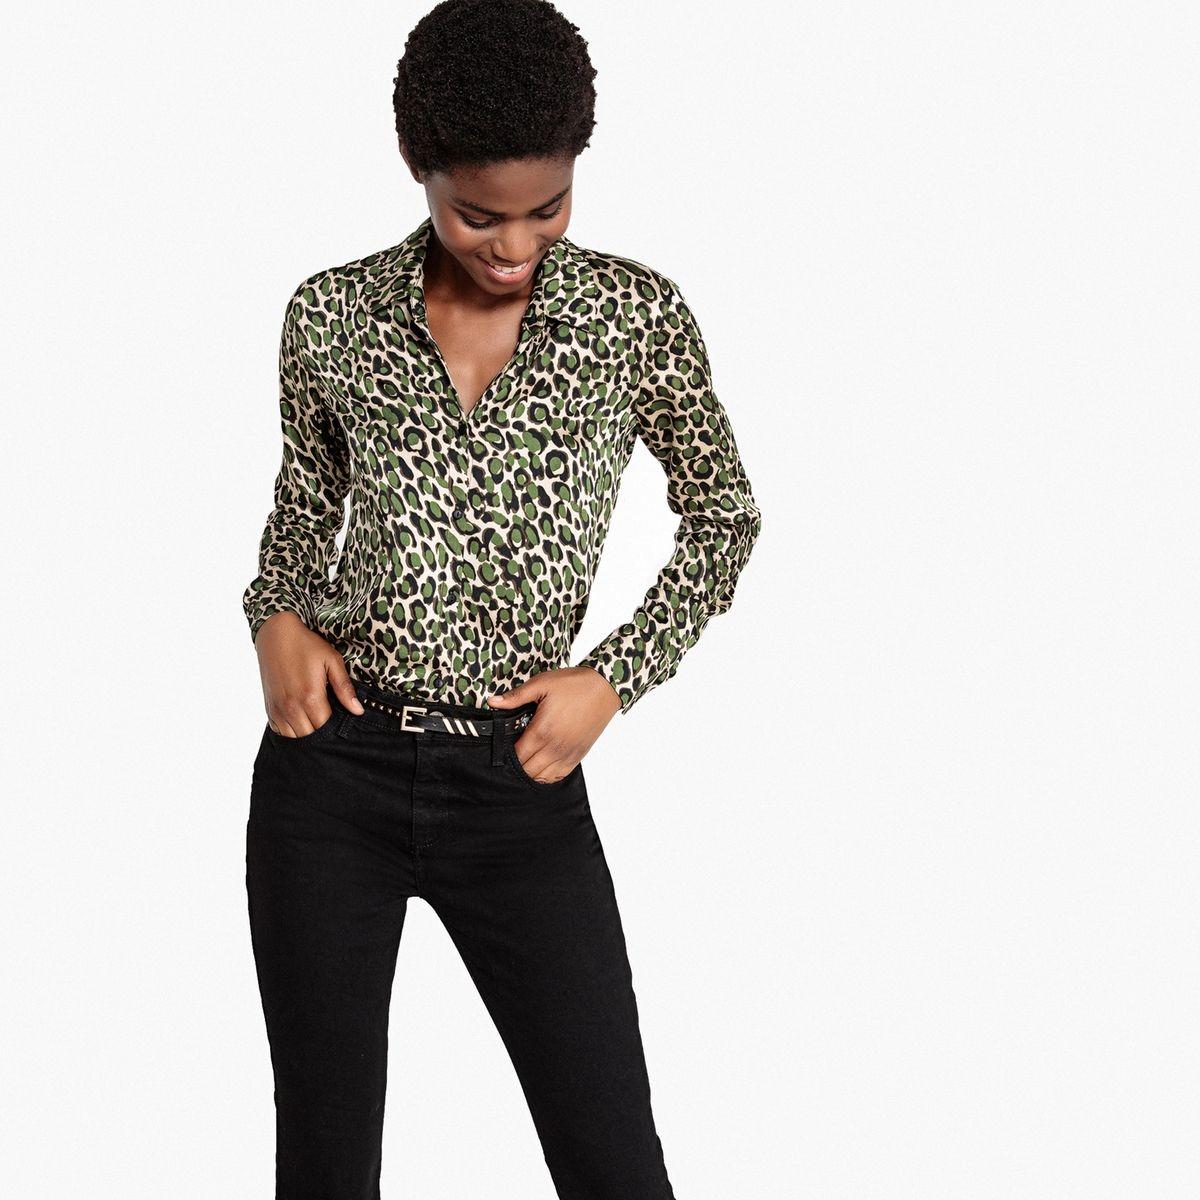 Chemise manches longues, imprimé léopard